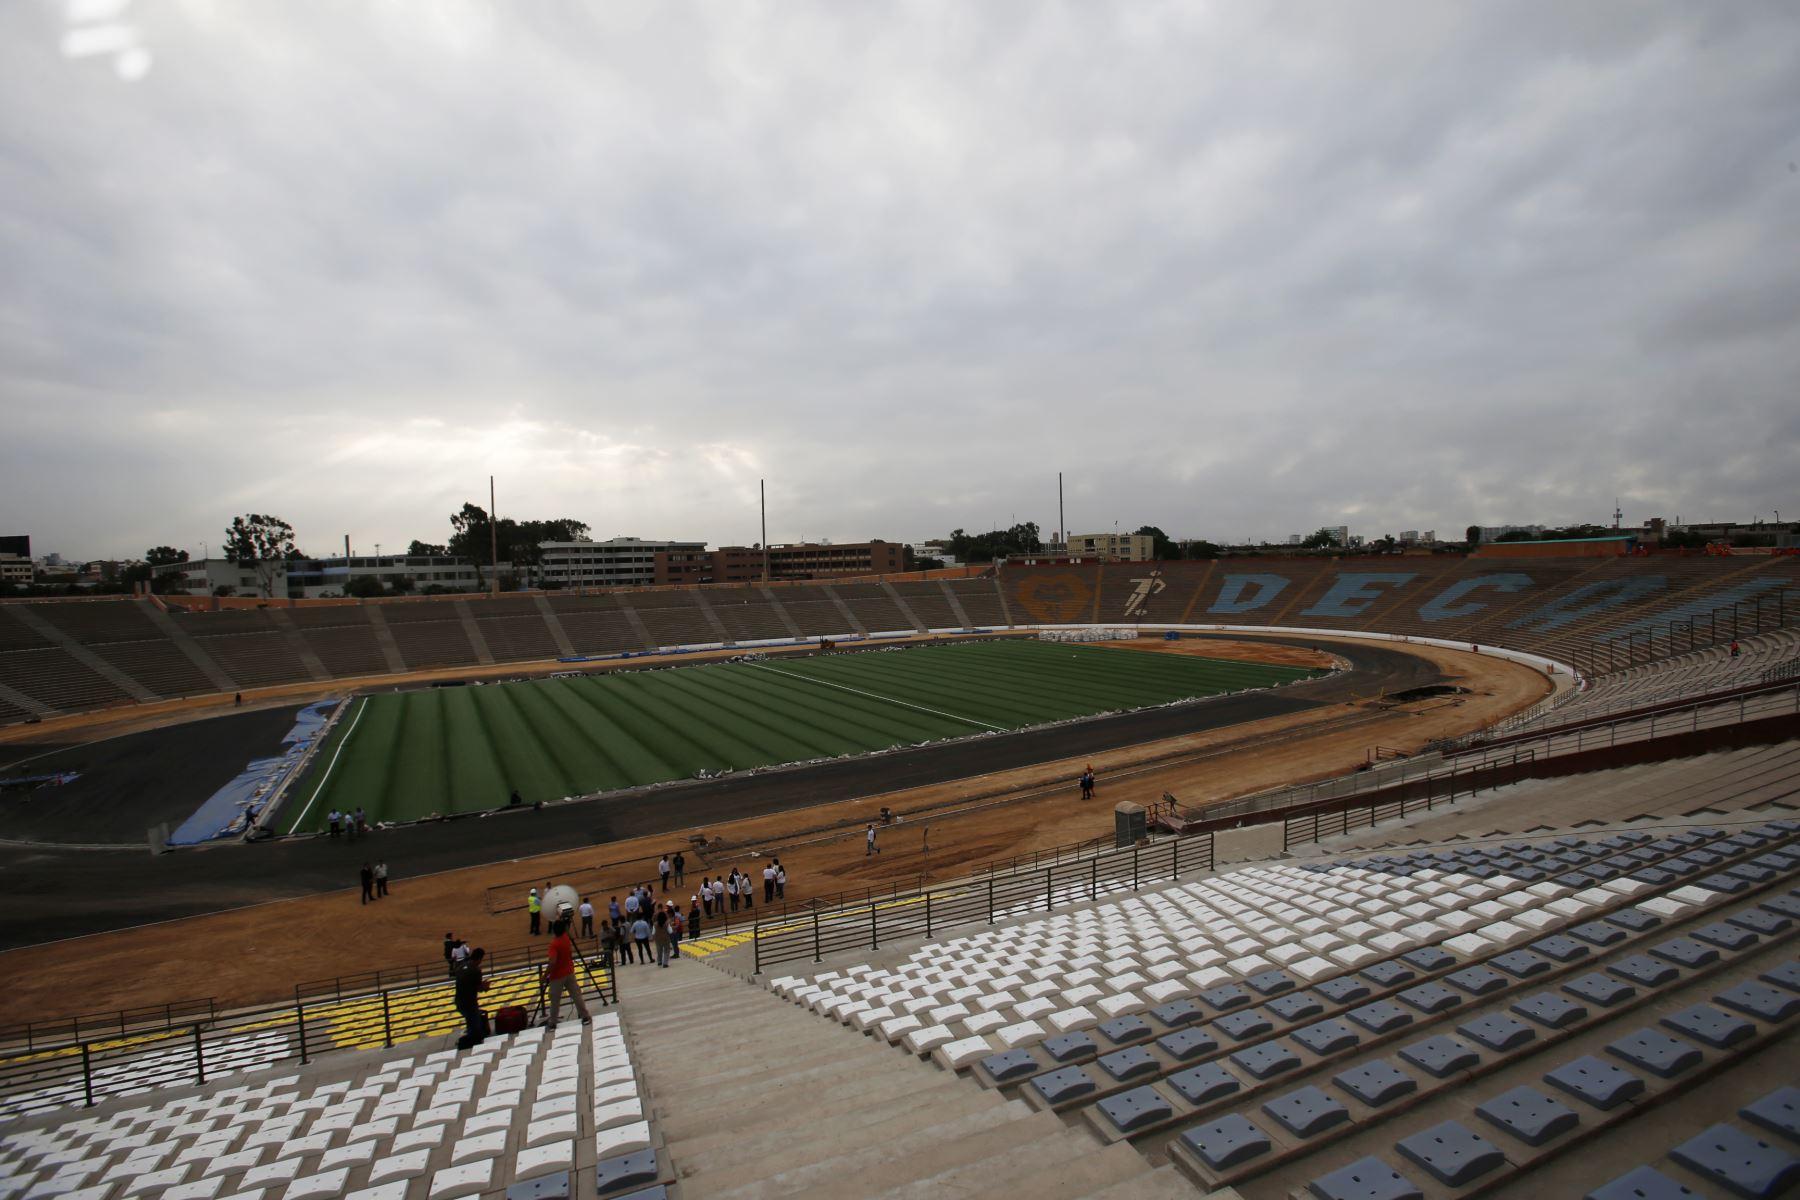 Casi listo. El remodelado estadio sanmarquino estará listo a finales de marzo para los Juegos Panamericanos 2019 que se inician en Lima el 26 de julio. ANDINA/Nathalie Sayago